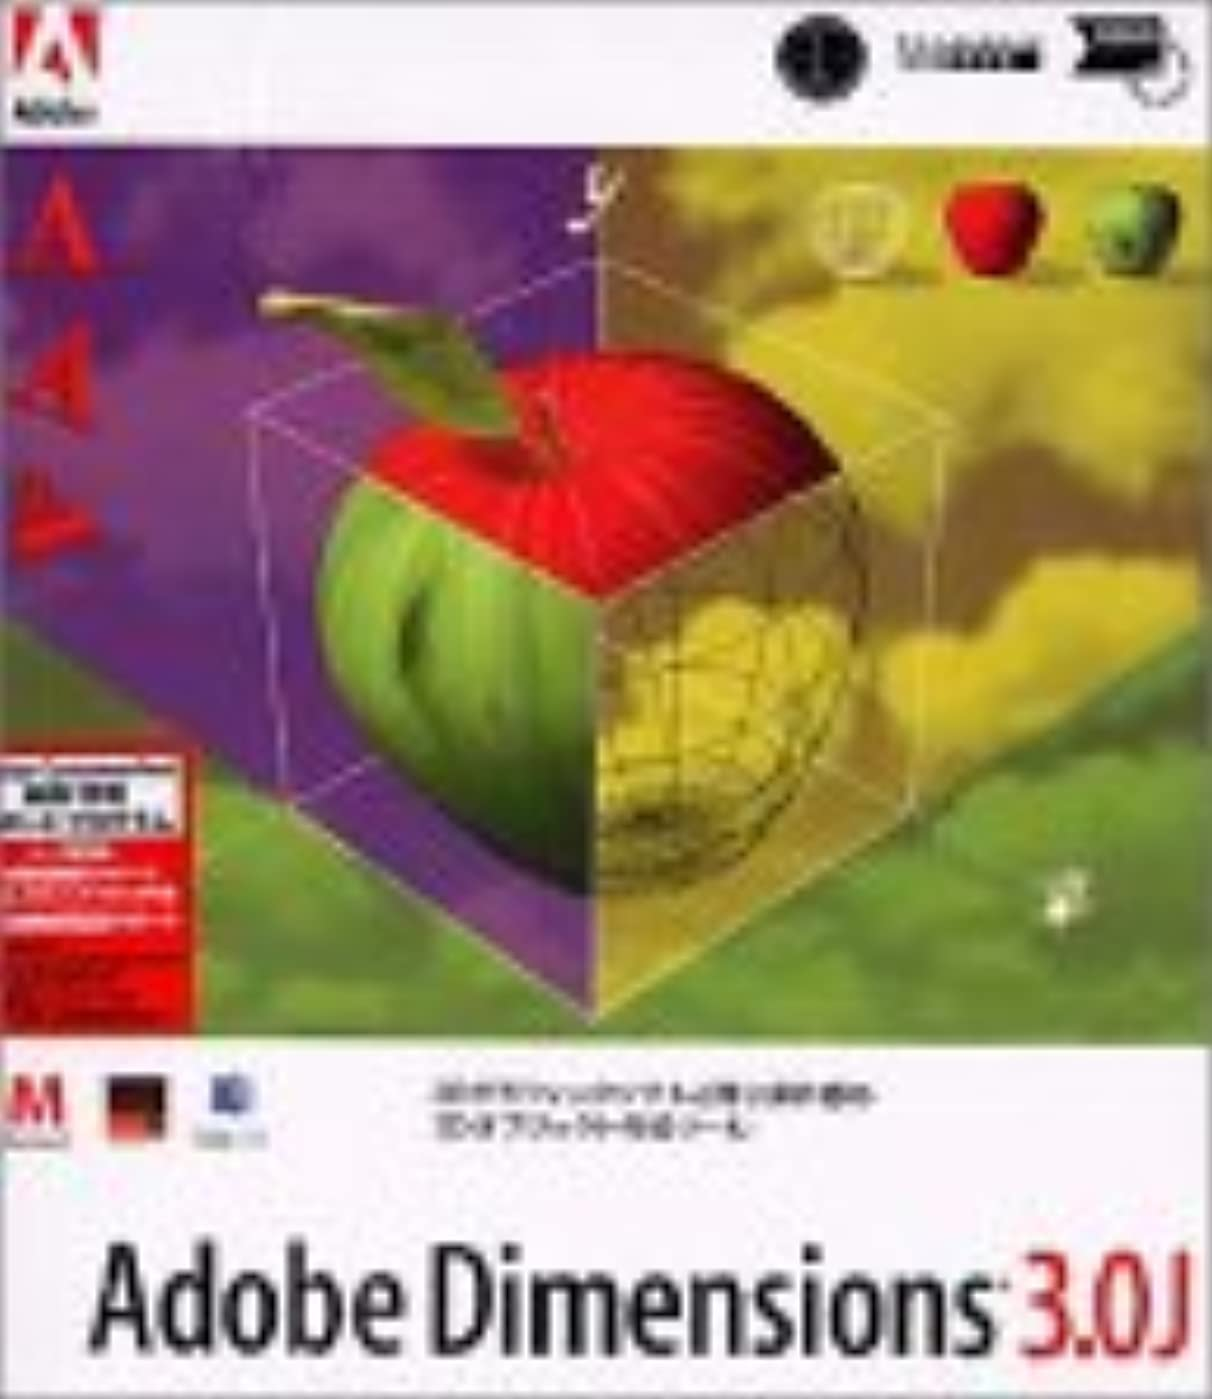 プレミアムメンター細部Adobe Dimensions 3.0J Macintosh版